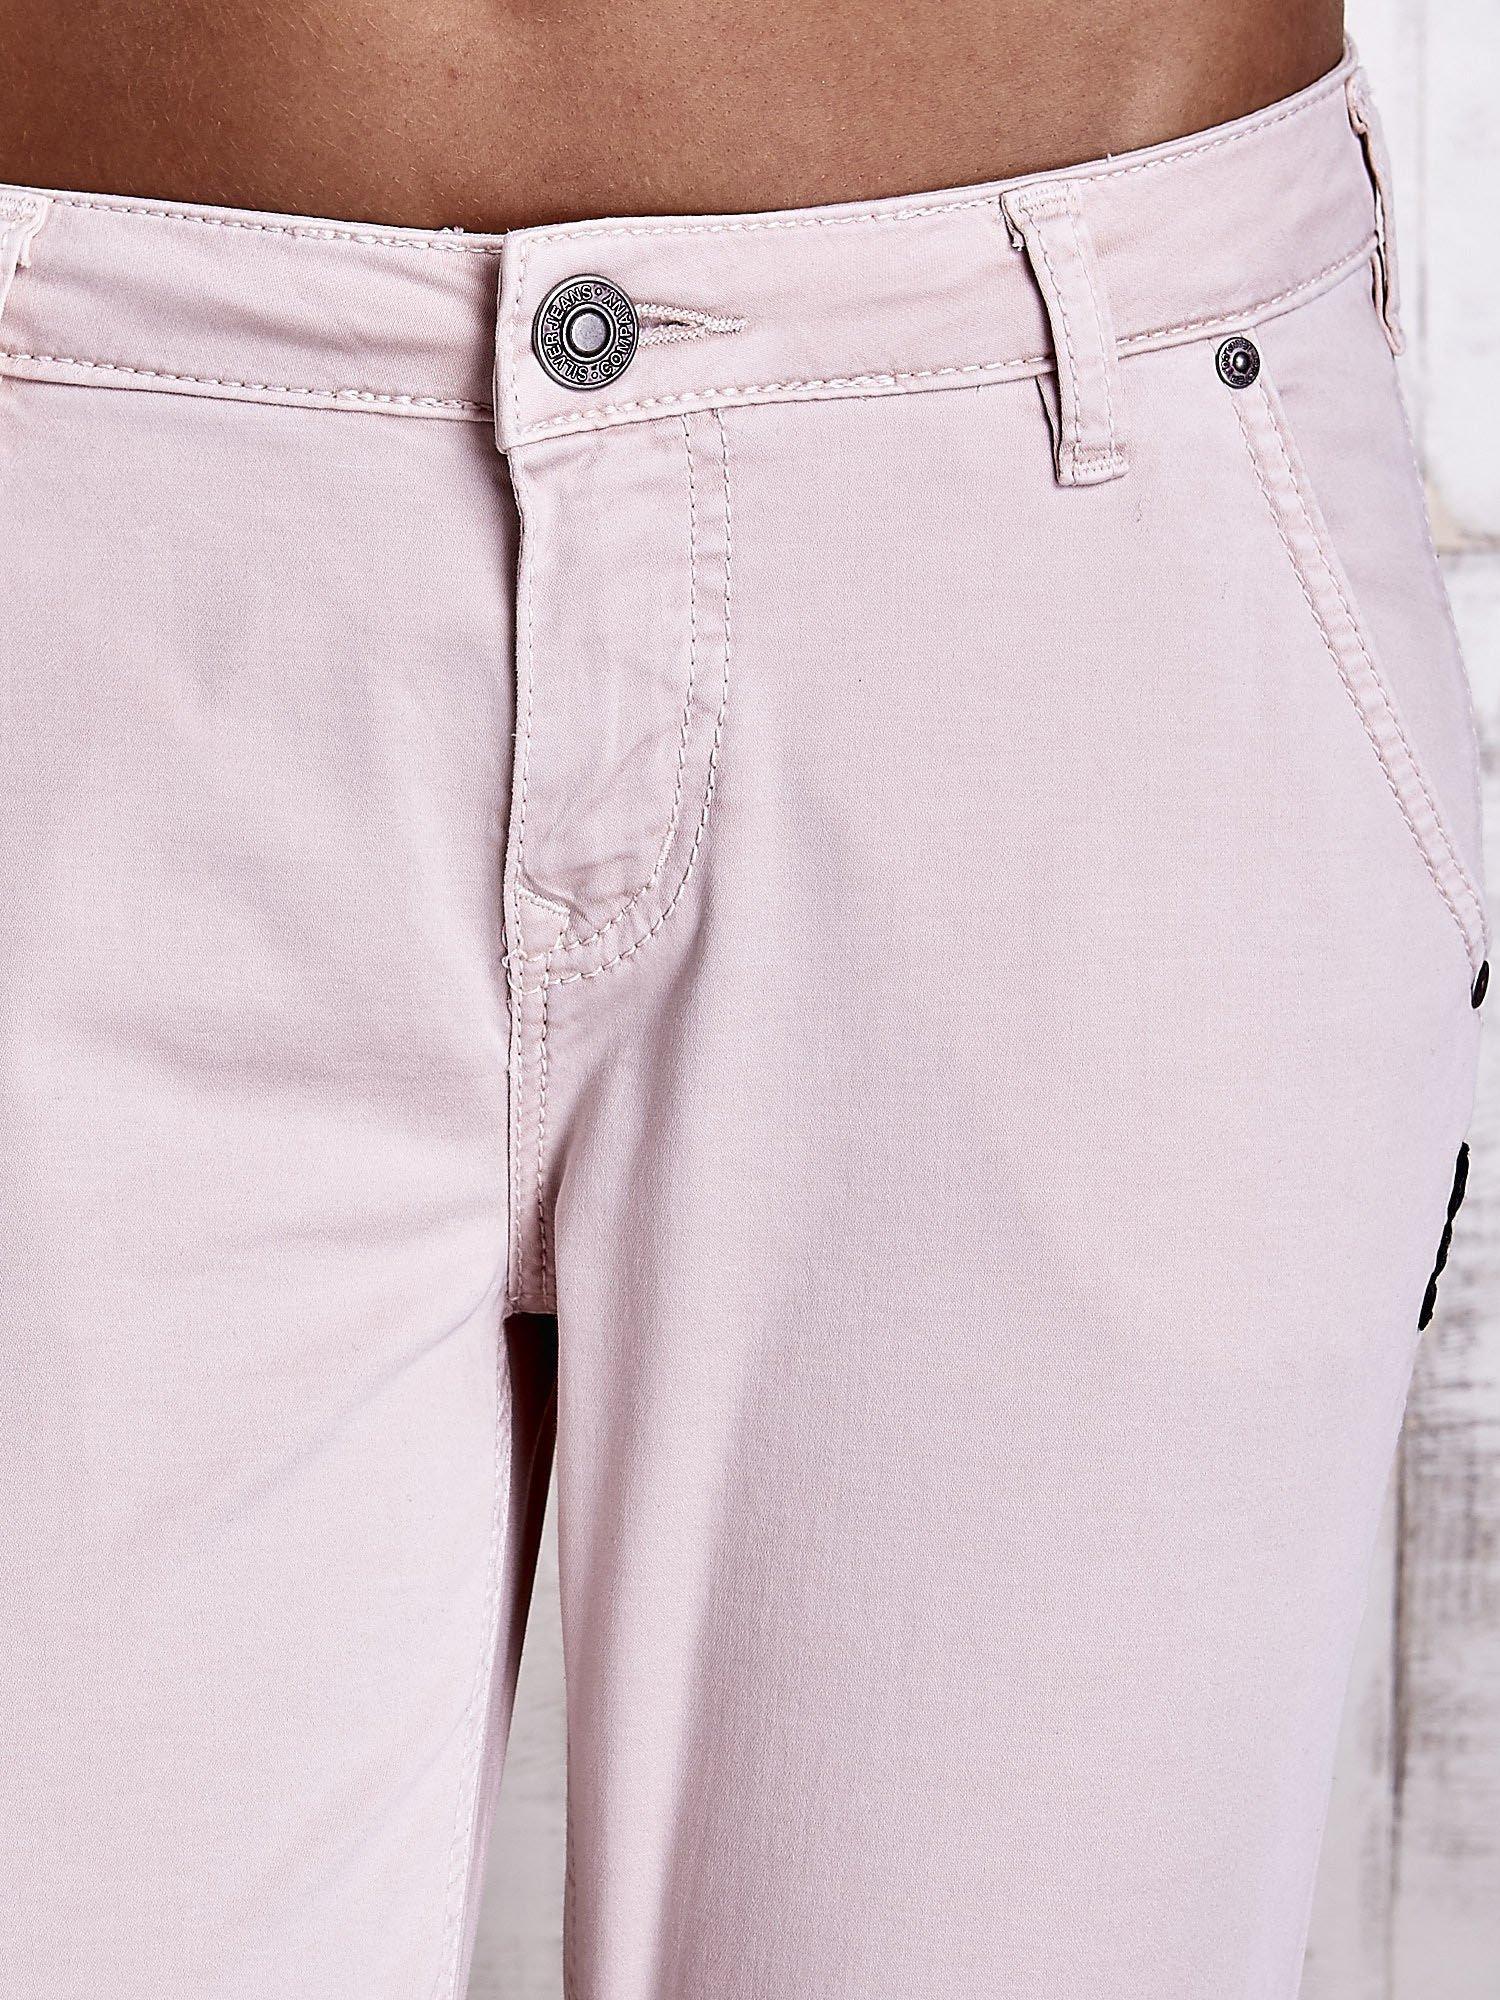 Jasnobeżowe materiałowe spodnie z przeszyciami na kieszeniach                                  zdj.                                  4